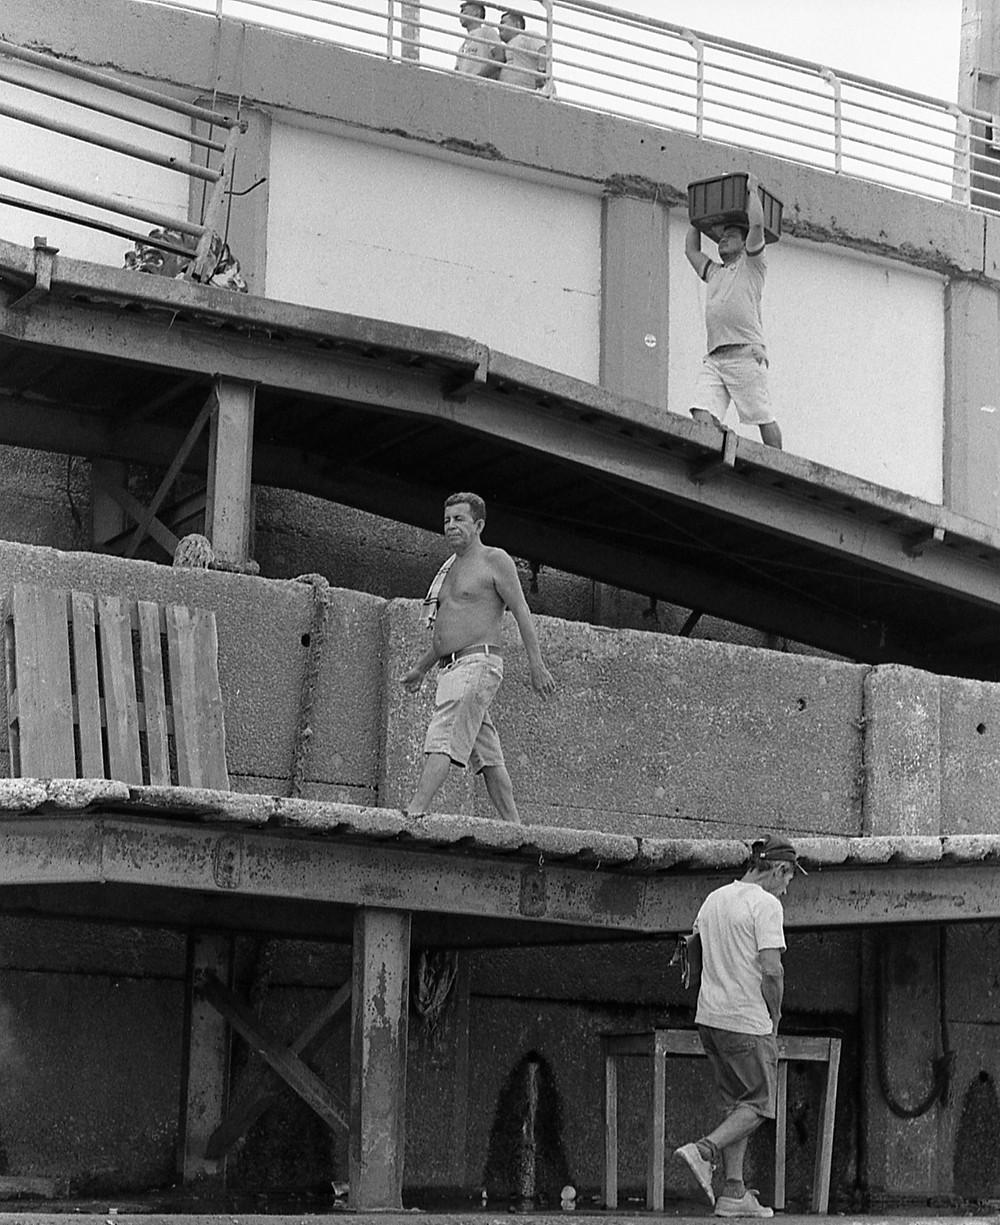 Man walking. Porto de Manaus, Brasil